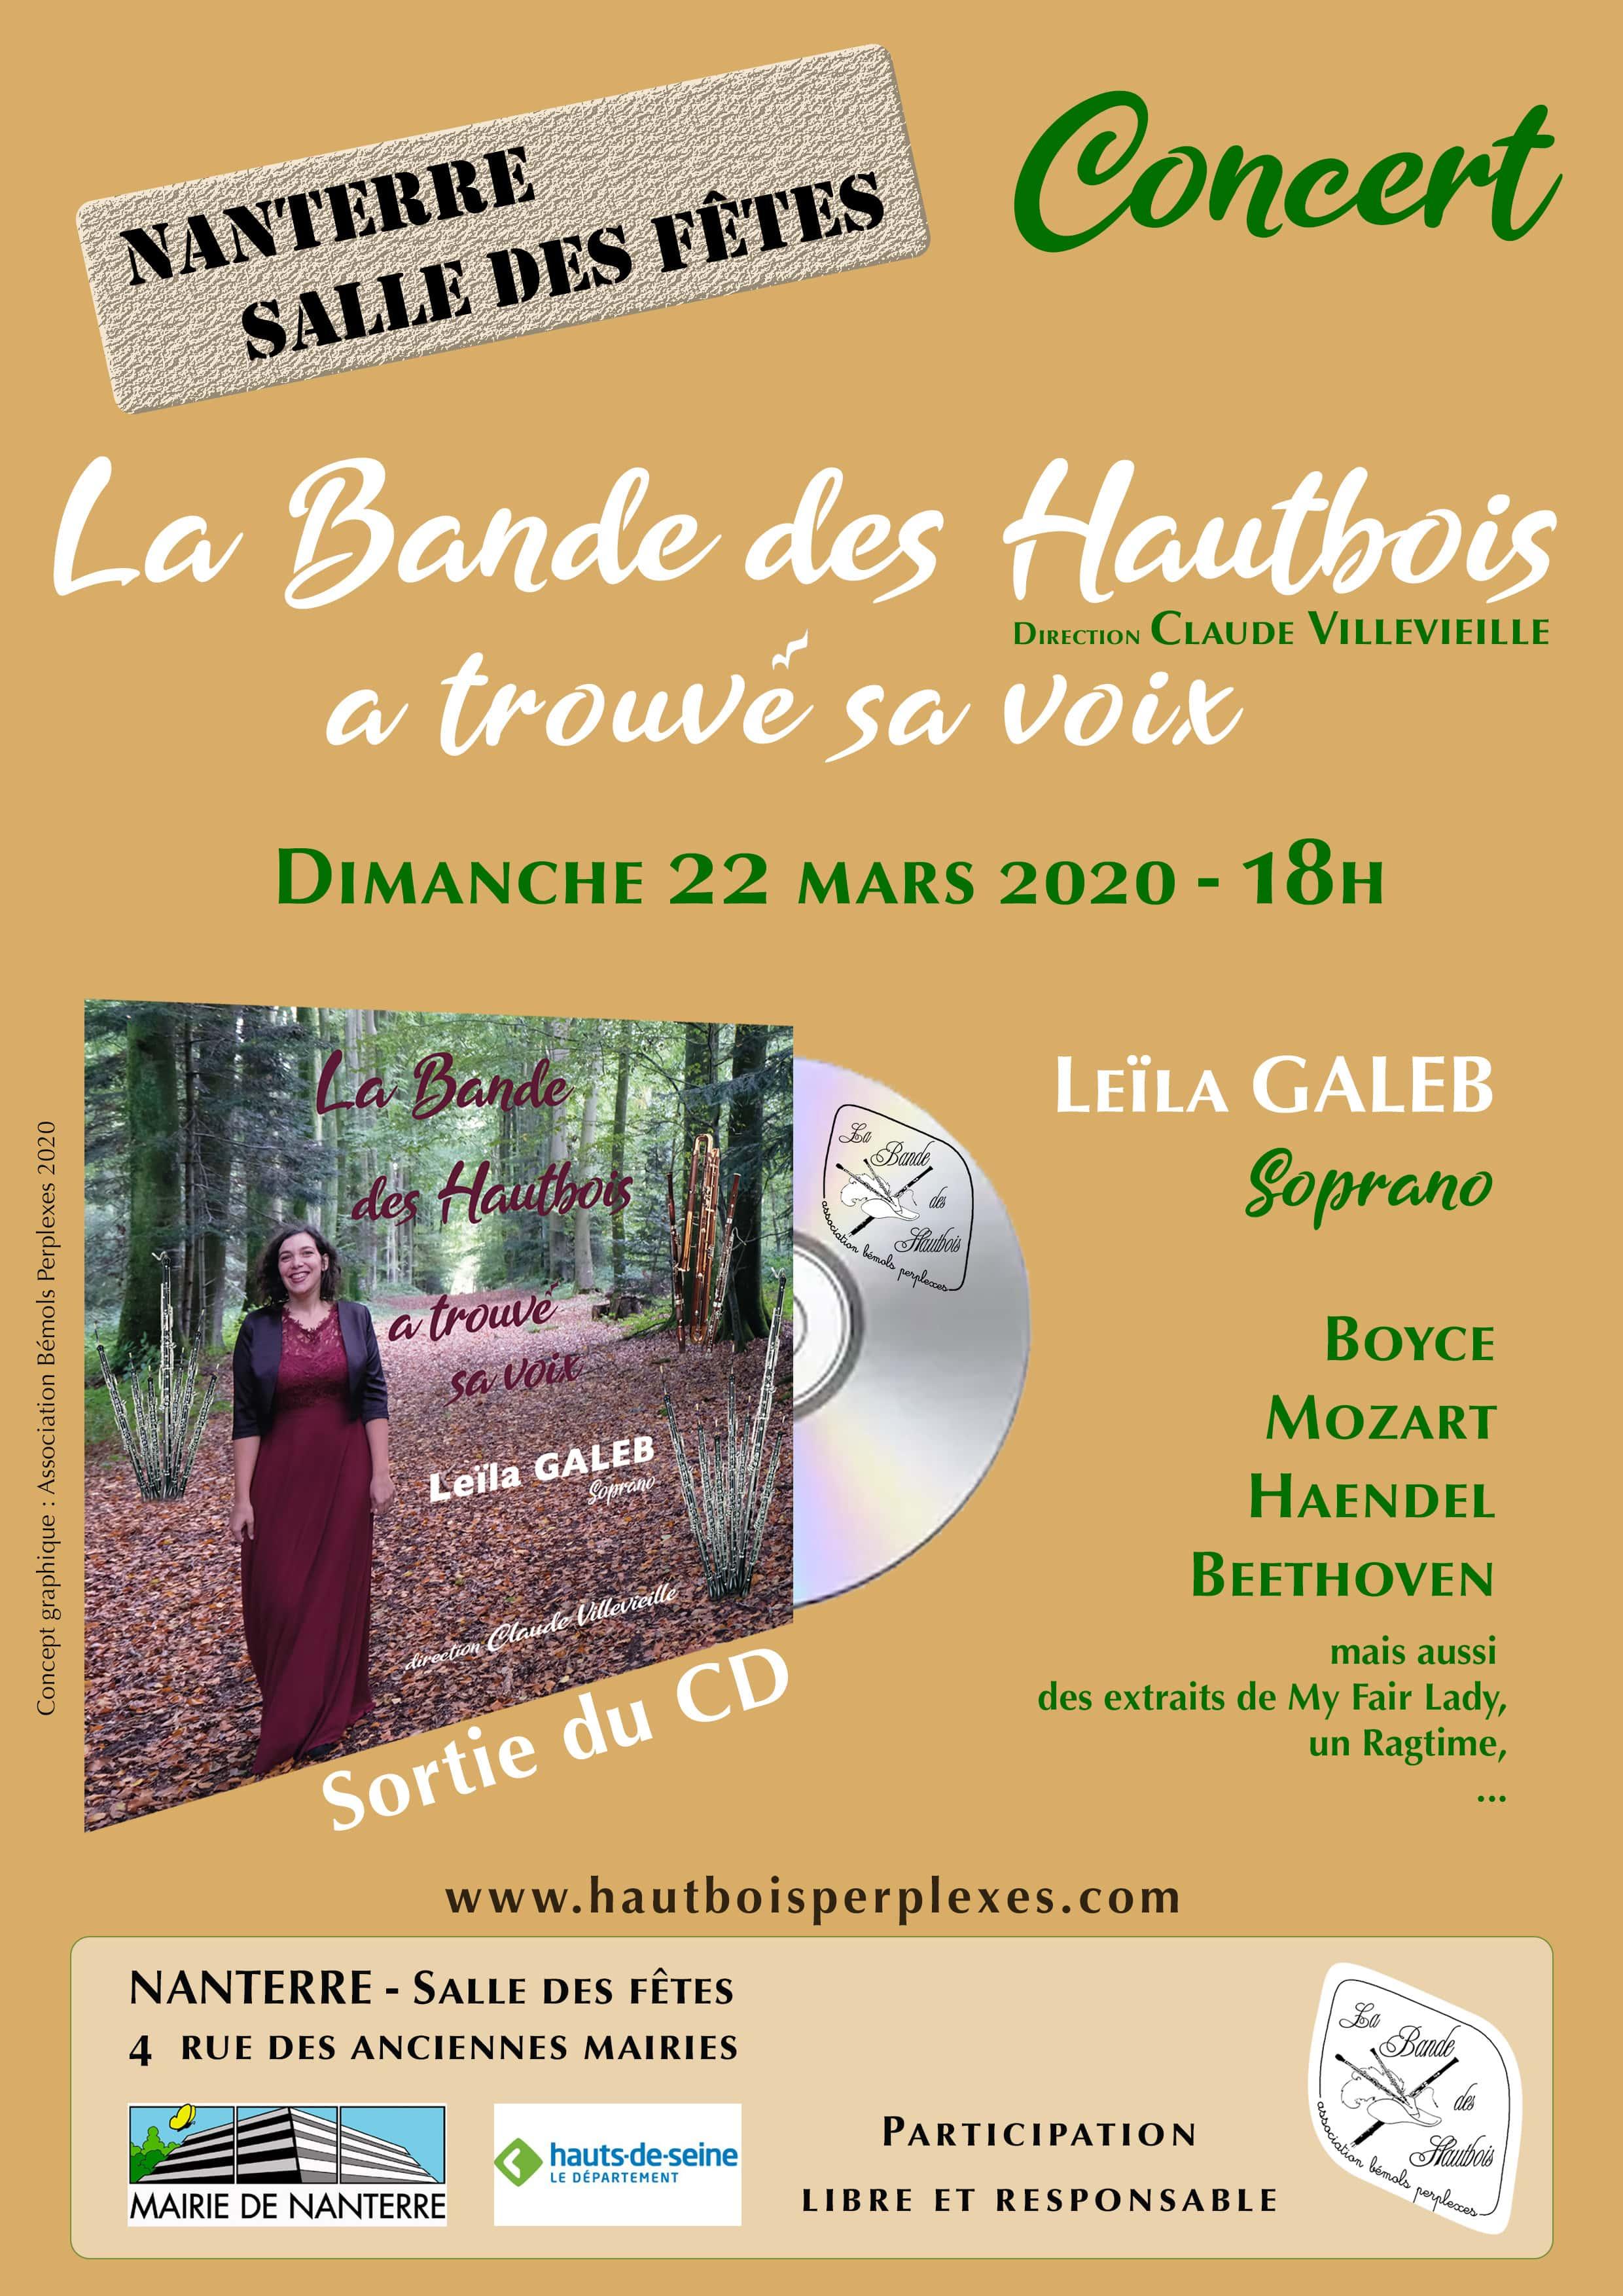 Concert de La Bande des Hautbois le 22 mars à 18h à Nanterre